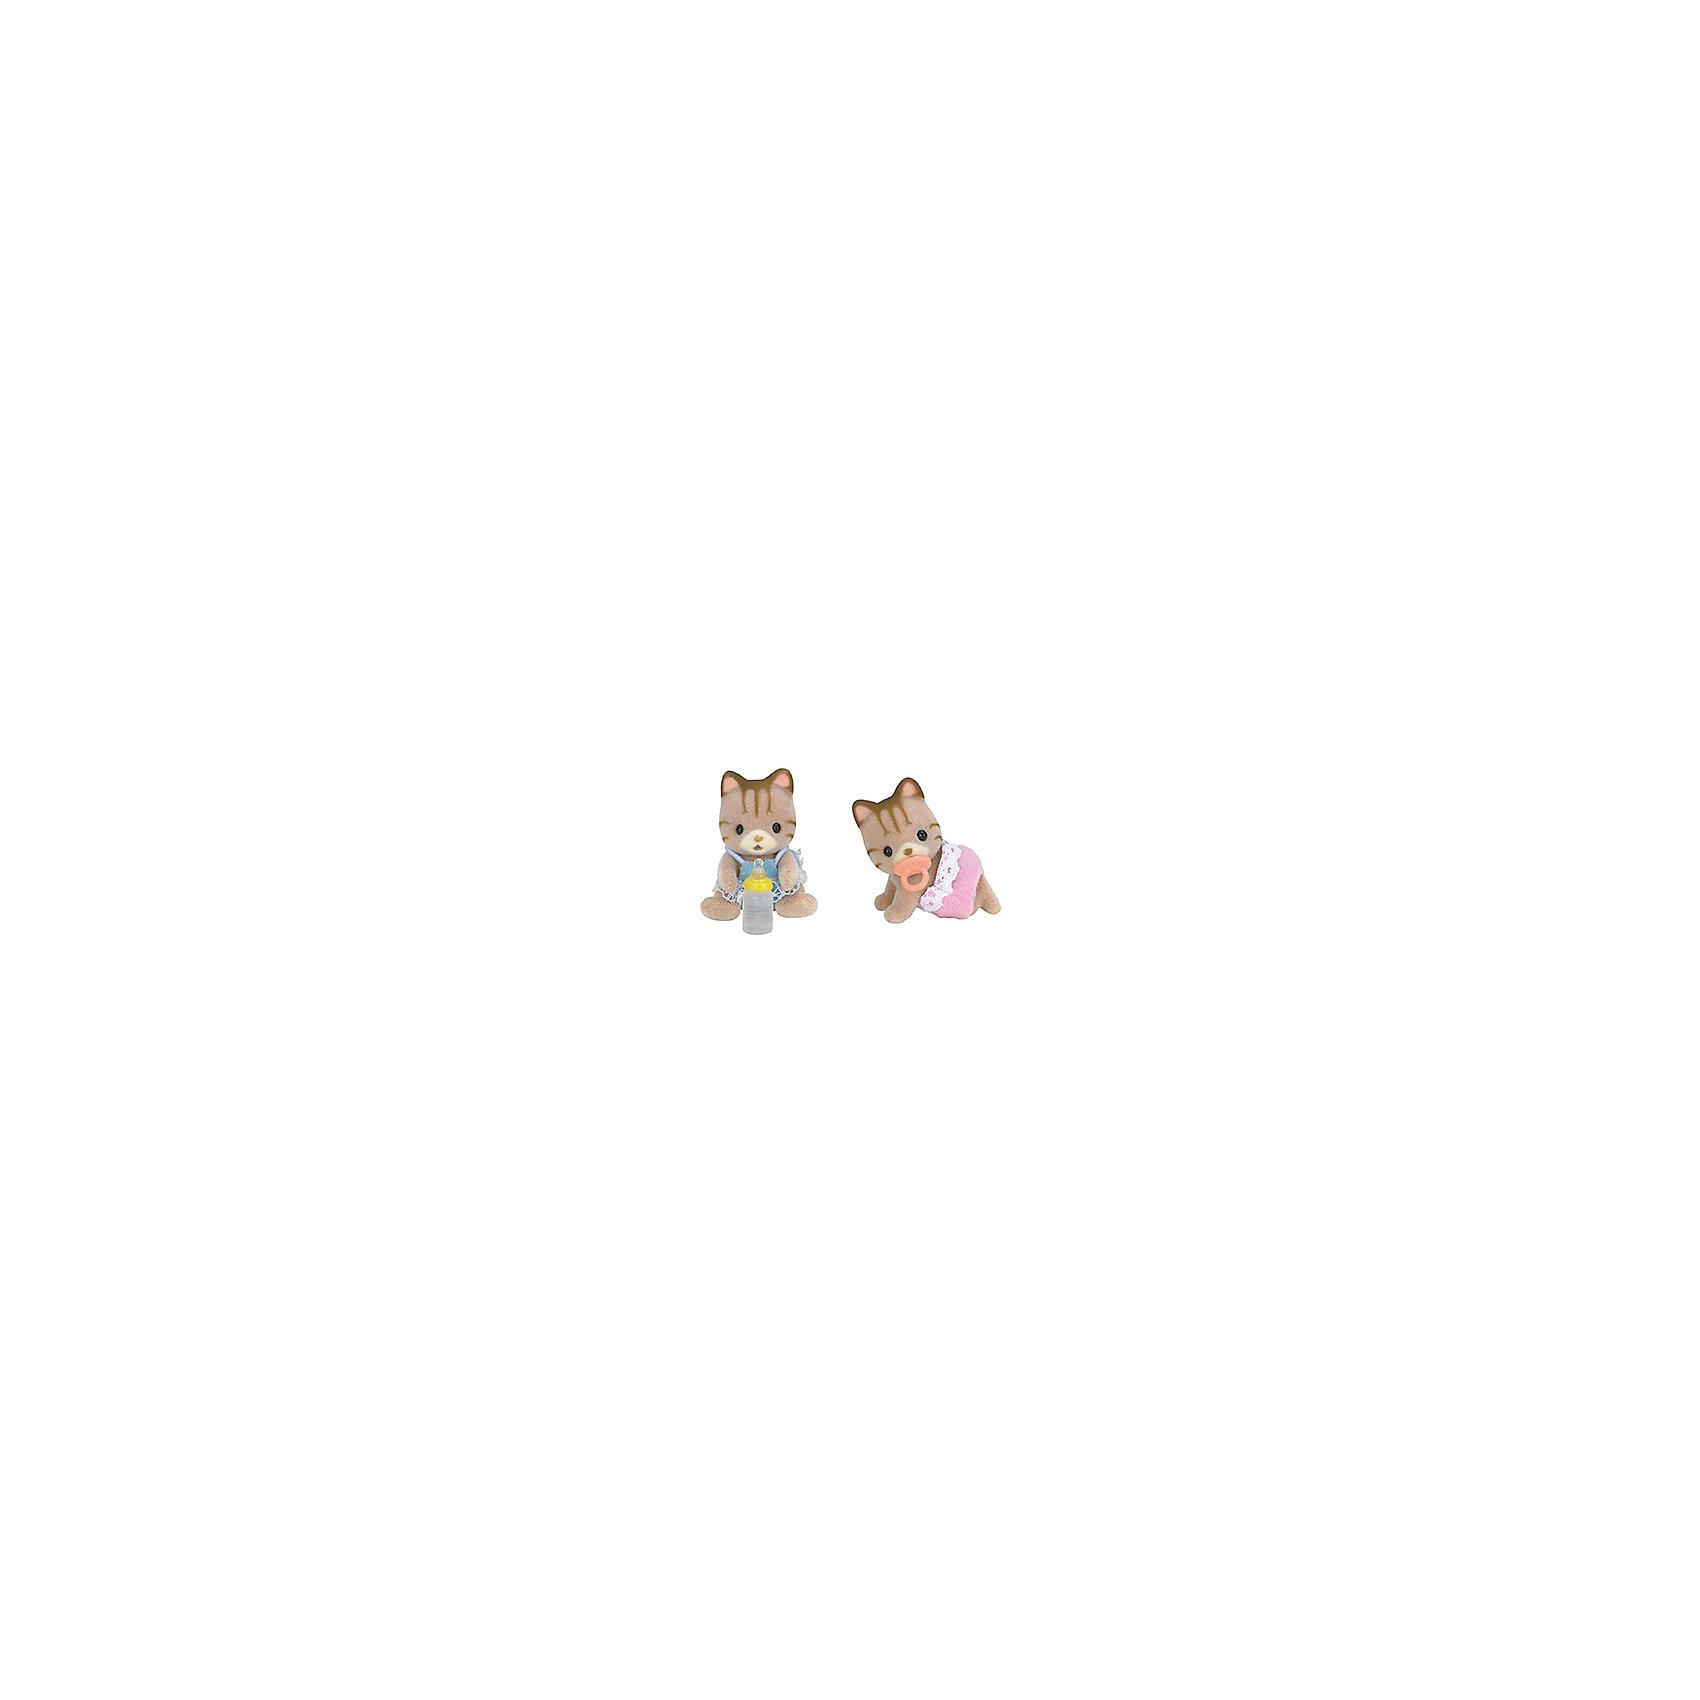 Набор Бельчата-двойняшки (новая версия), Sylvanian FamiliesSylvanian Families<br>Набор Бельчата-двойняшки (новая версия), Sylvanian Families (Сильваниан Фэмилис) - прекрасный набор, состоящий из двух маленьких бельчат. Две сестренка - одна в белом платьице, а другая - в розовых штаниках - озорные непоседы- двойняшки, которые любят играть и веселиться вместе. В комплект к фигуркам входят маленькая бутылочка и пустышка. Все детали игрушек отлично проработаны и выполнены из высококачественного материала. Этот набор прекрасно развивает мелкую моторику и фантазию ребенка.<br><br>Дополнительная информация:<br><br>- Материал: пластик,  ПВХ с полимерным напылением, текстиль<br>- Размер: 3.5 см<br>- Комплектация: две фигурки, бутылочка, пустышка.<br>- Подвижные головы у фигурок<br><br>Набор Бельчата-двойняшки (новая версия), Sylvanian Families (Сильваниан Фэмилис) можно купить в нашем магазине.<br><br>Ширина мм: 119<br>Глубина мм: 78<br>Высота мм: 40<br>Вес г: 38<br>Возраст от месяцев: 36<br>Возраст до месяцев: 72<br>Пол: Женский<br>Возраст: Детский<br>SKU: 3549189